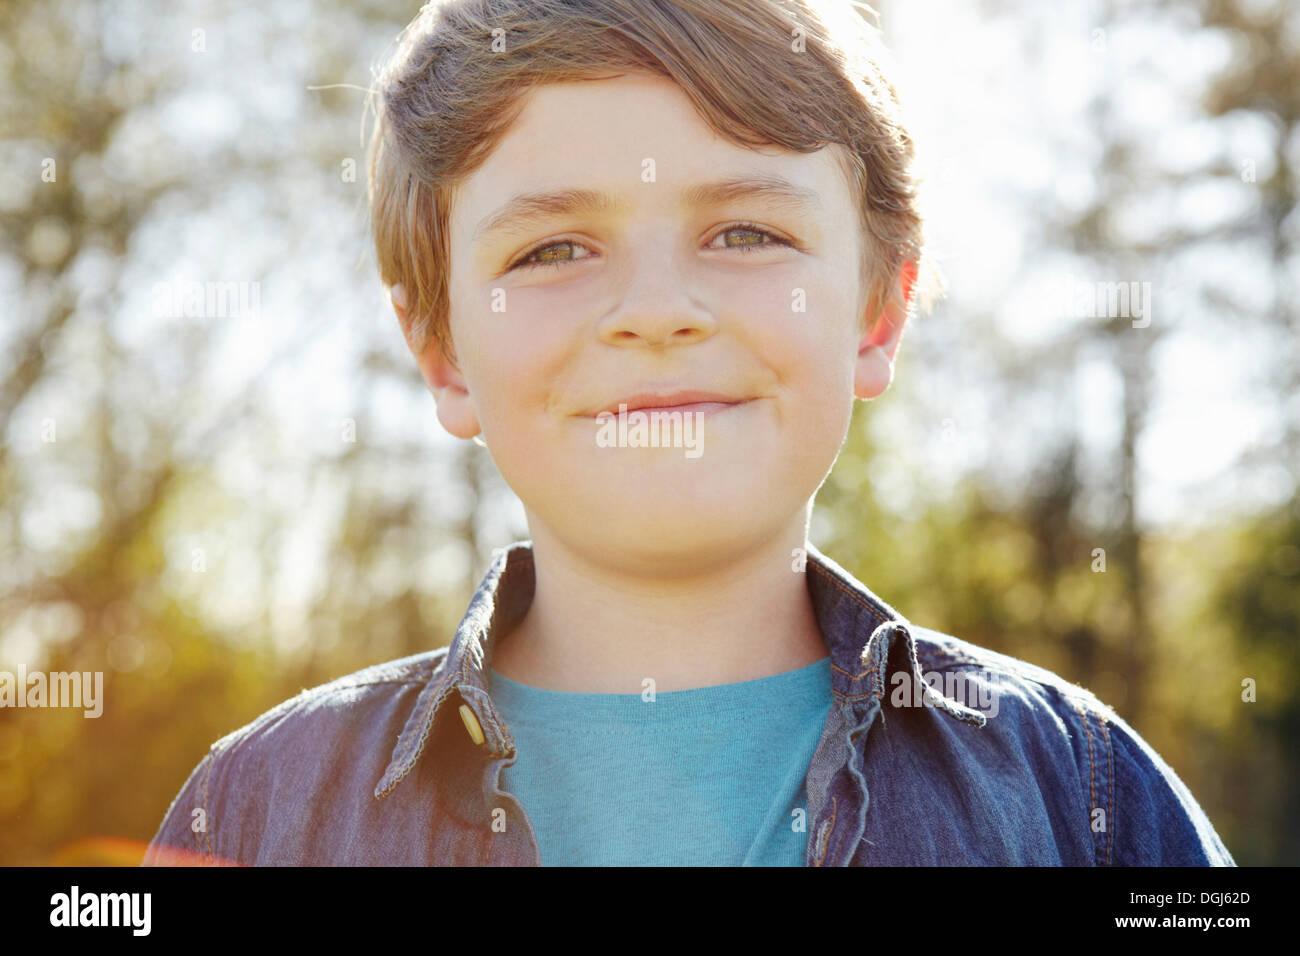 Junge mit freches Grinsen Stockbild